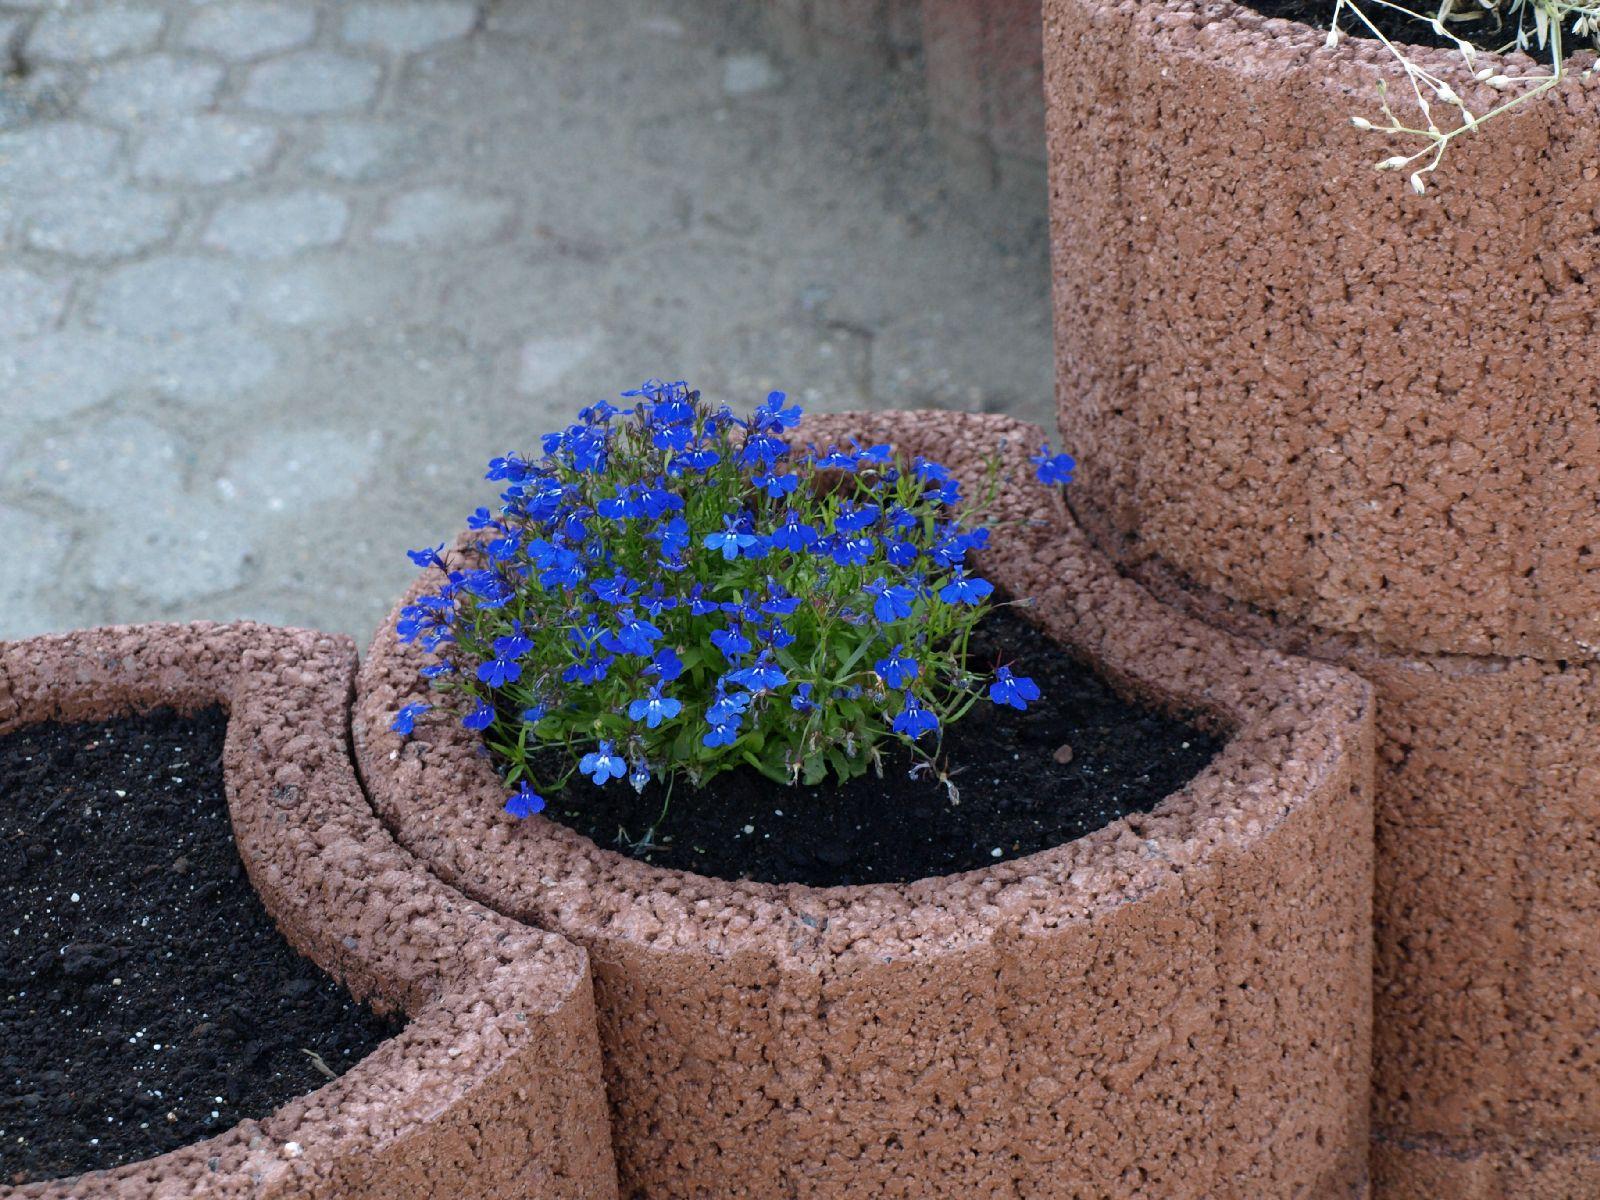 Pflanzen-Blumen-Foto_Textur_B_P6153468